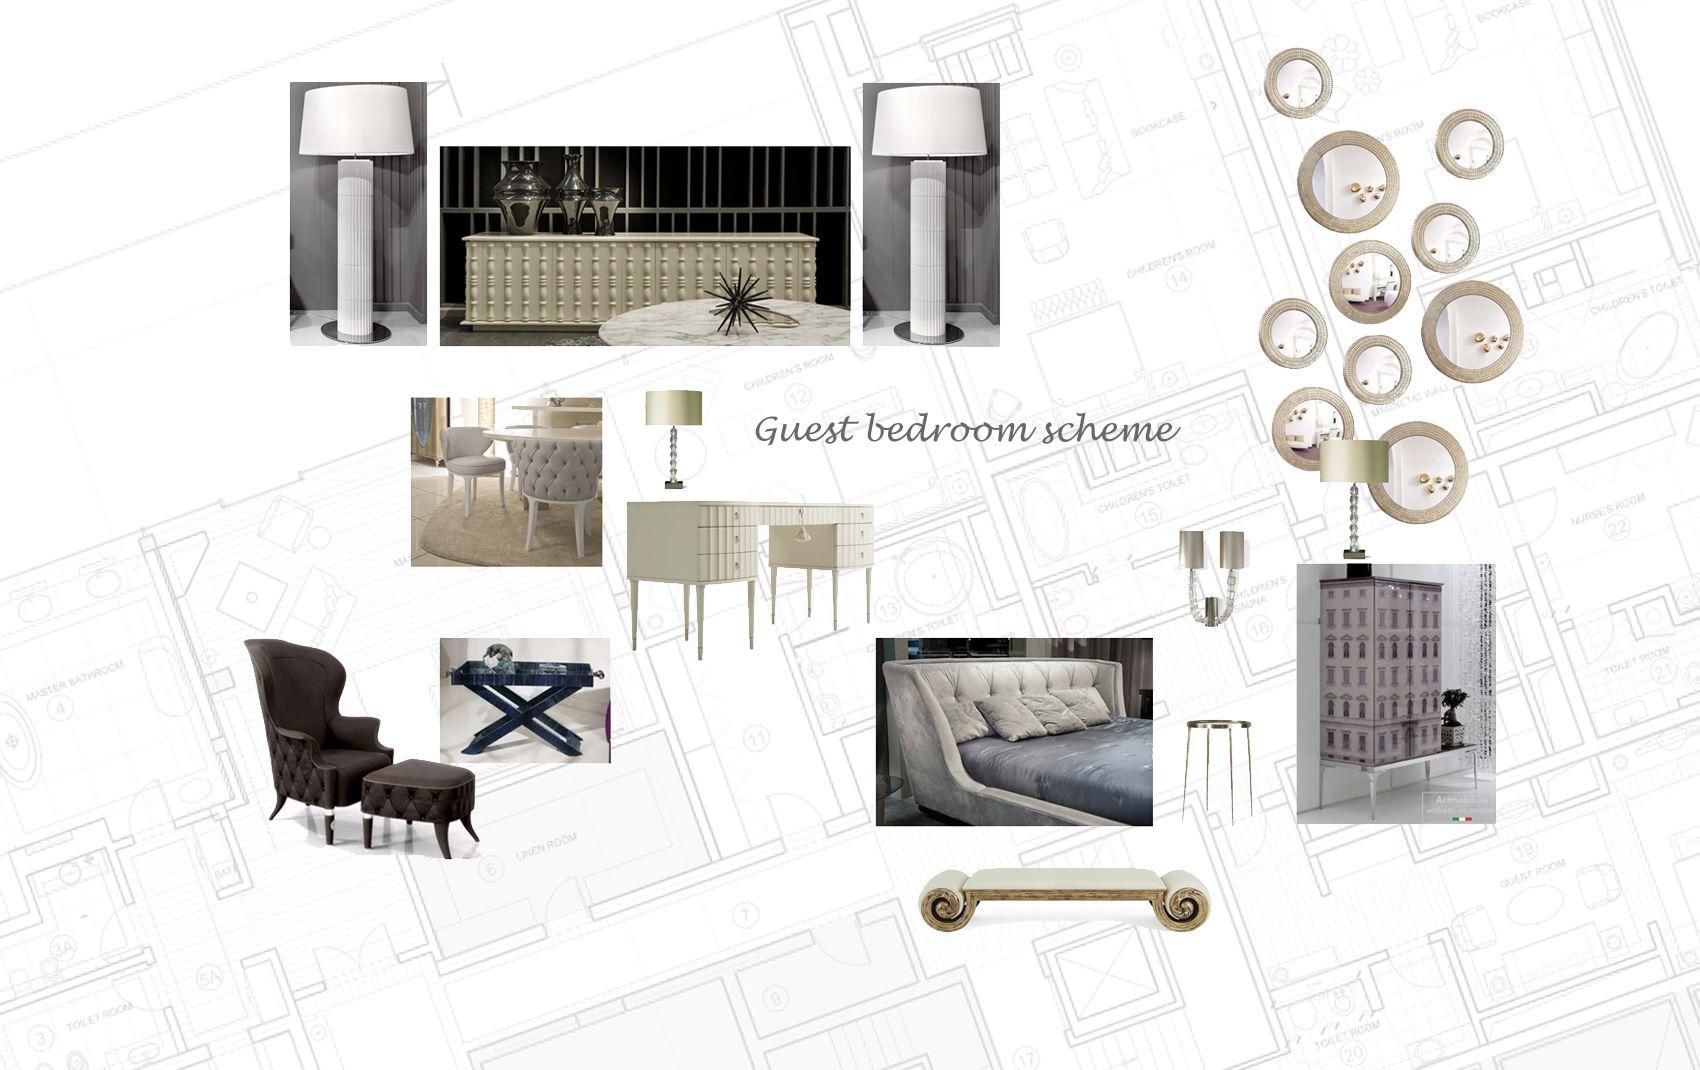 moscow villa - guest bedroom scheme